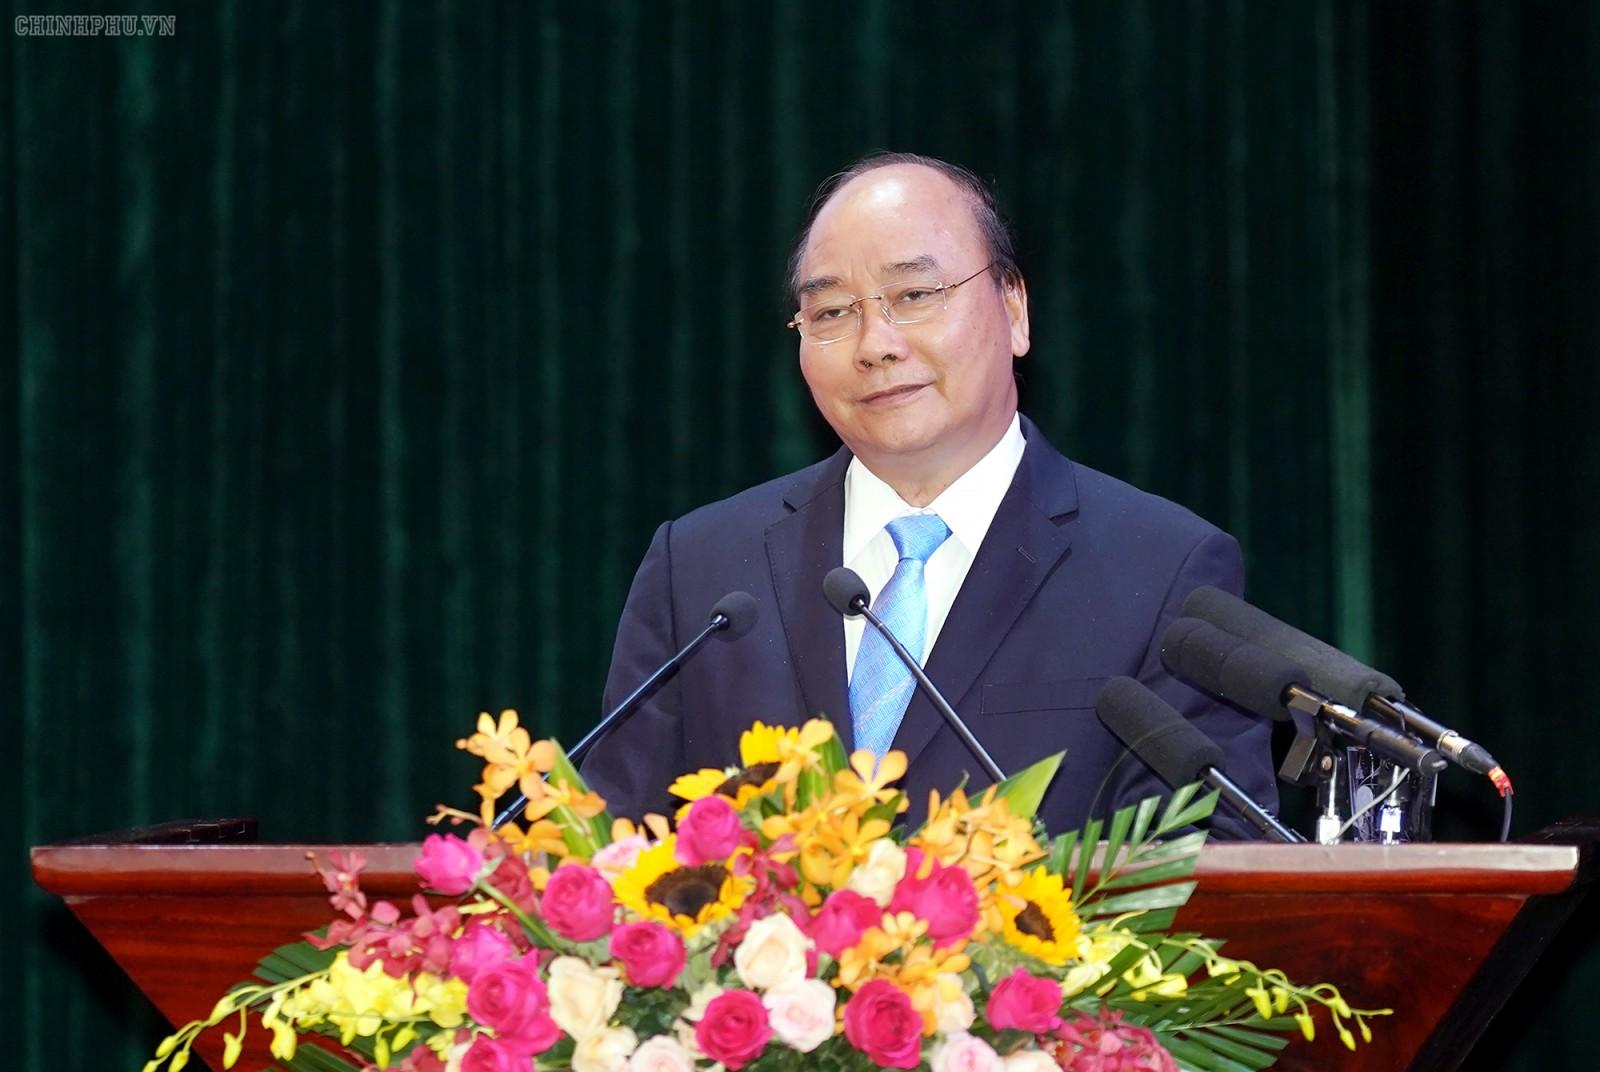 Thủ tướng: Lào Cai sẽ là một điểm sáng lớn trên bản đồ kinh tế Việt Nam